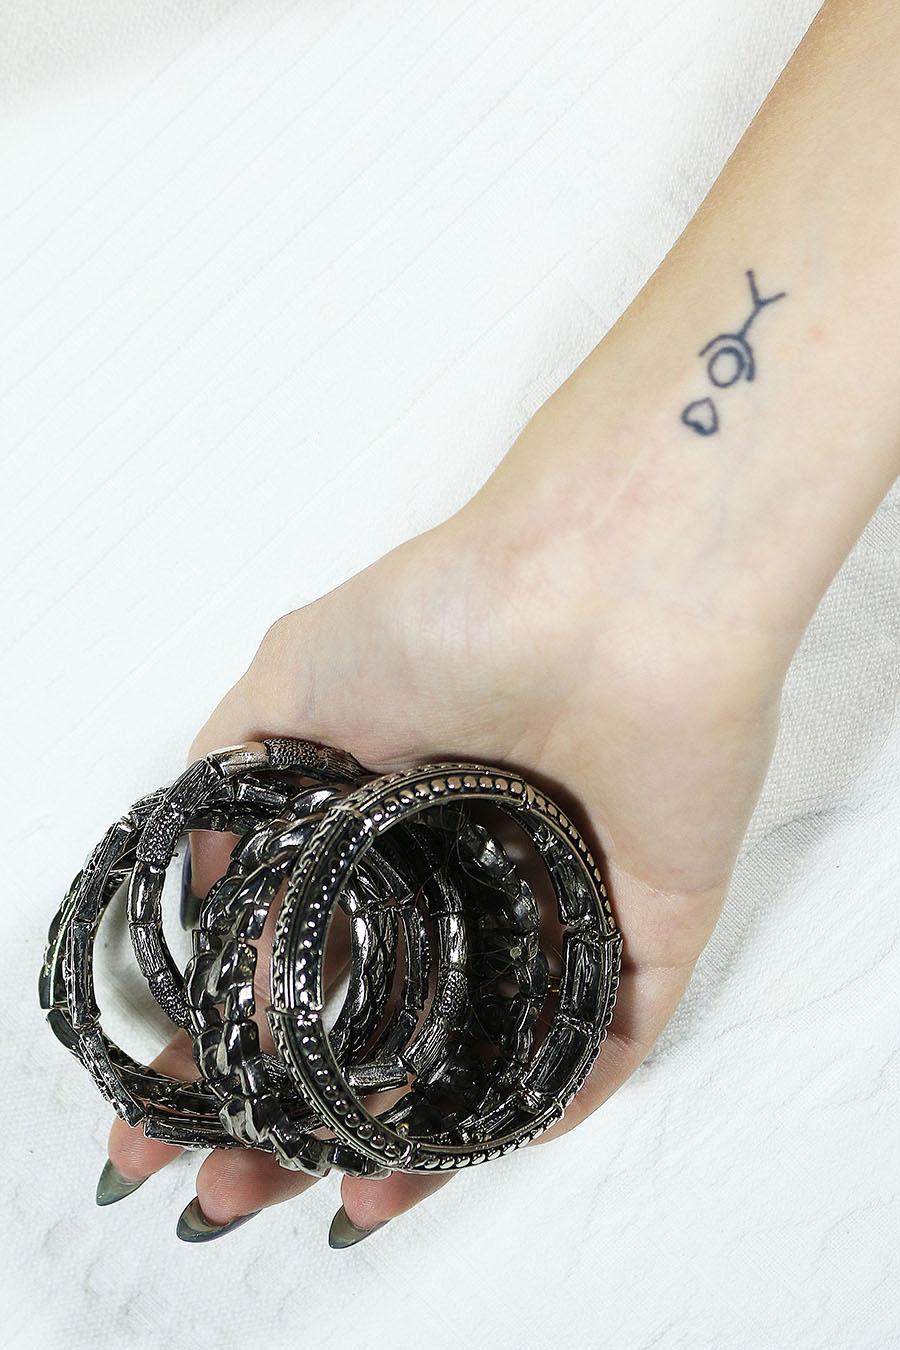 tatoo-pulseiras